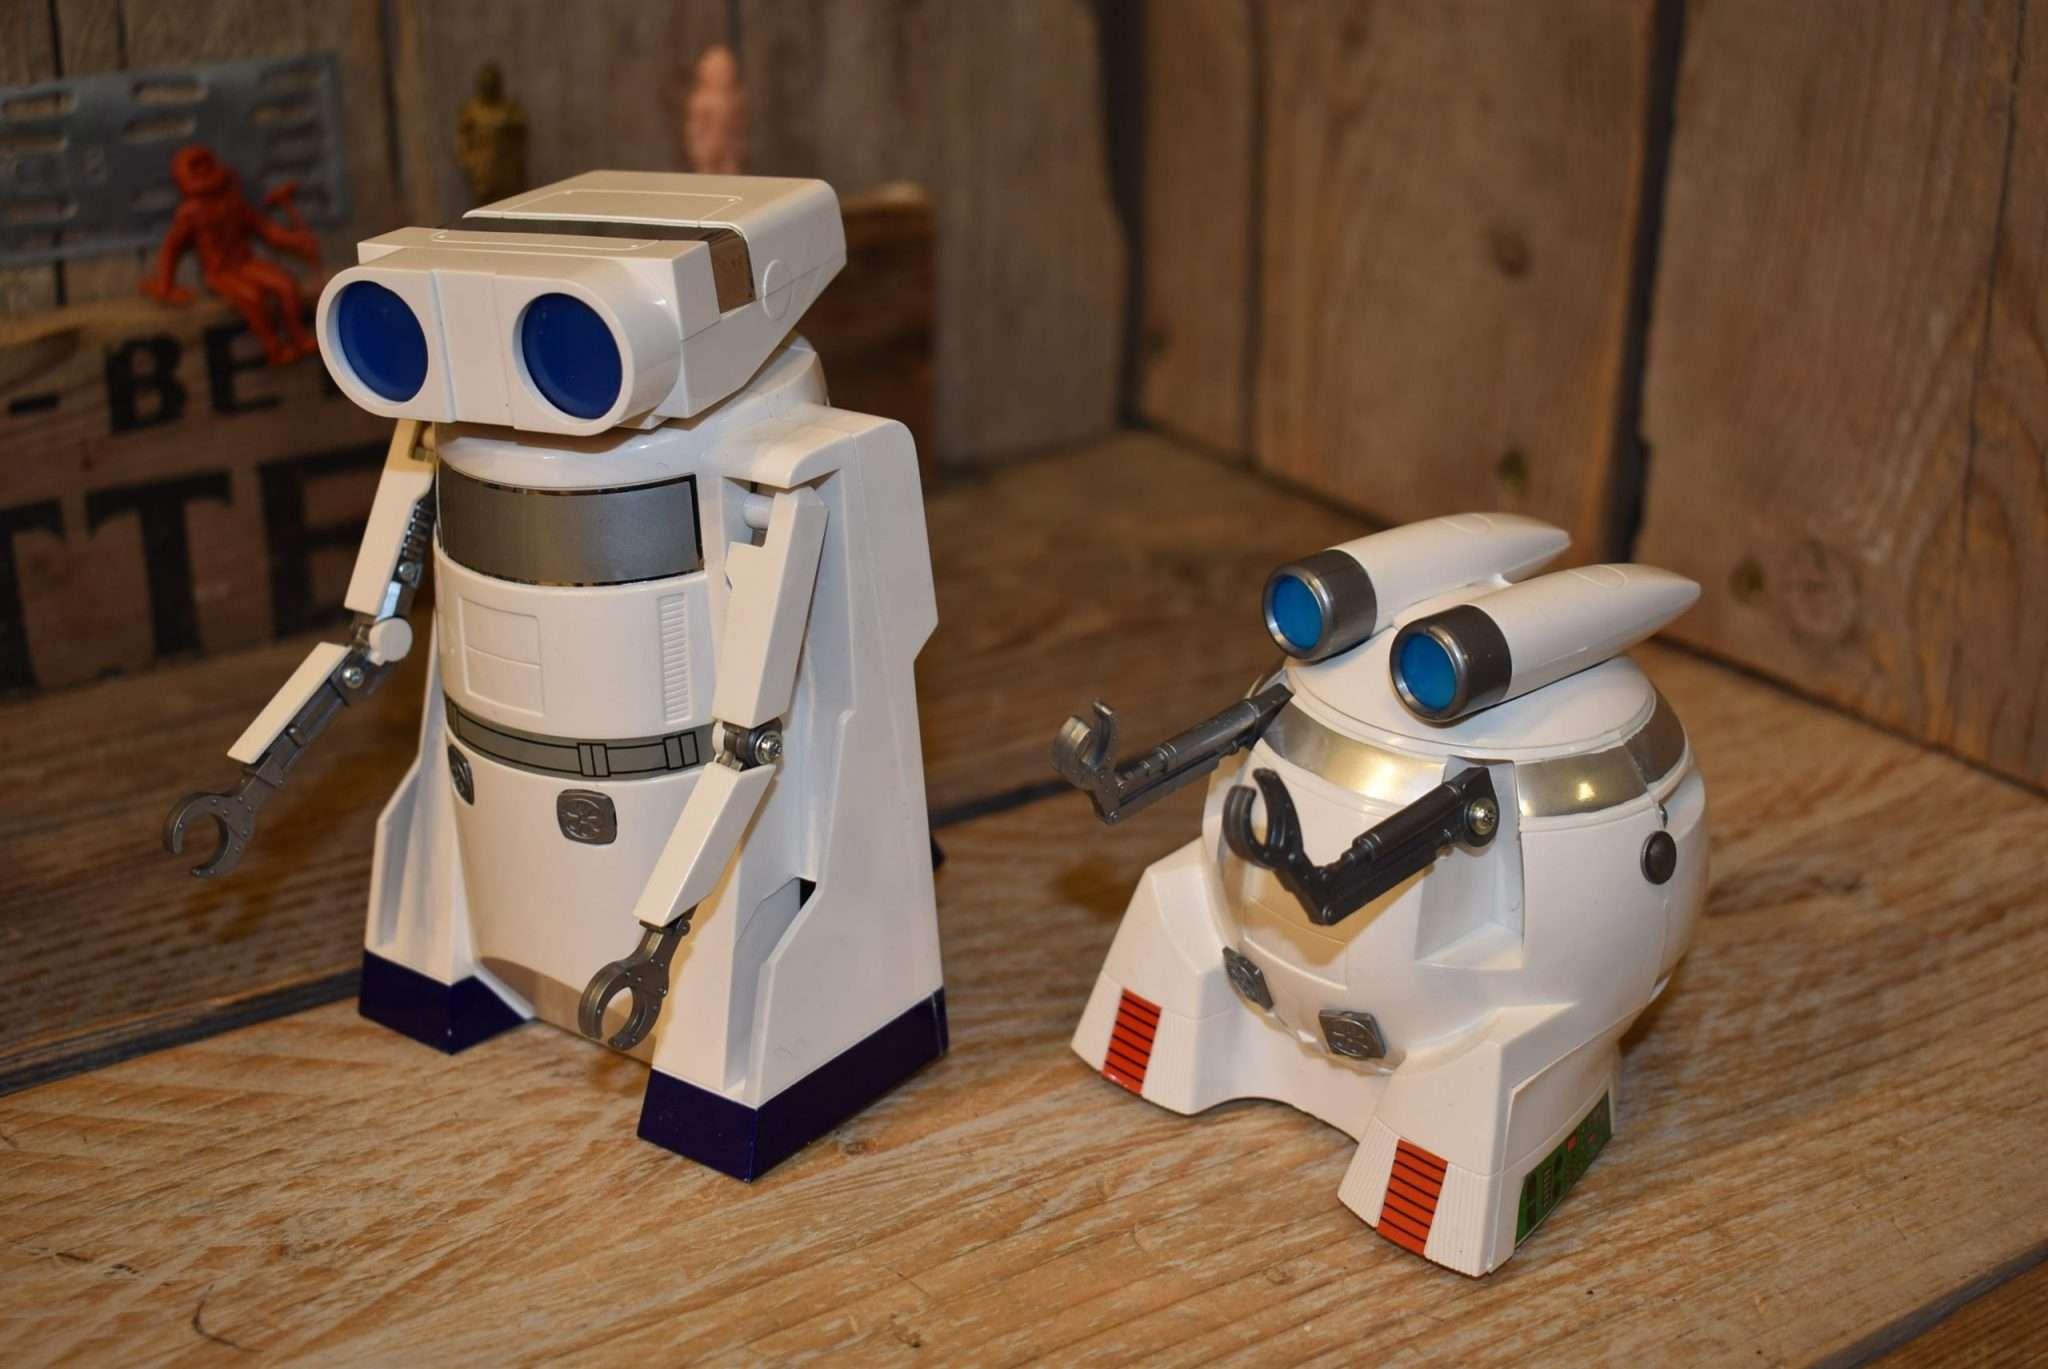 Bandai - Sensor Robot